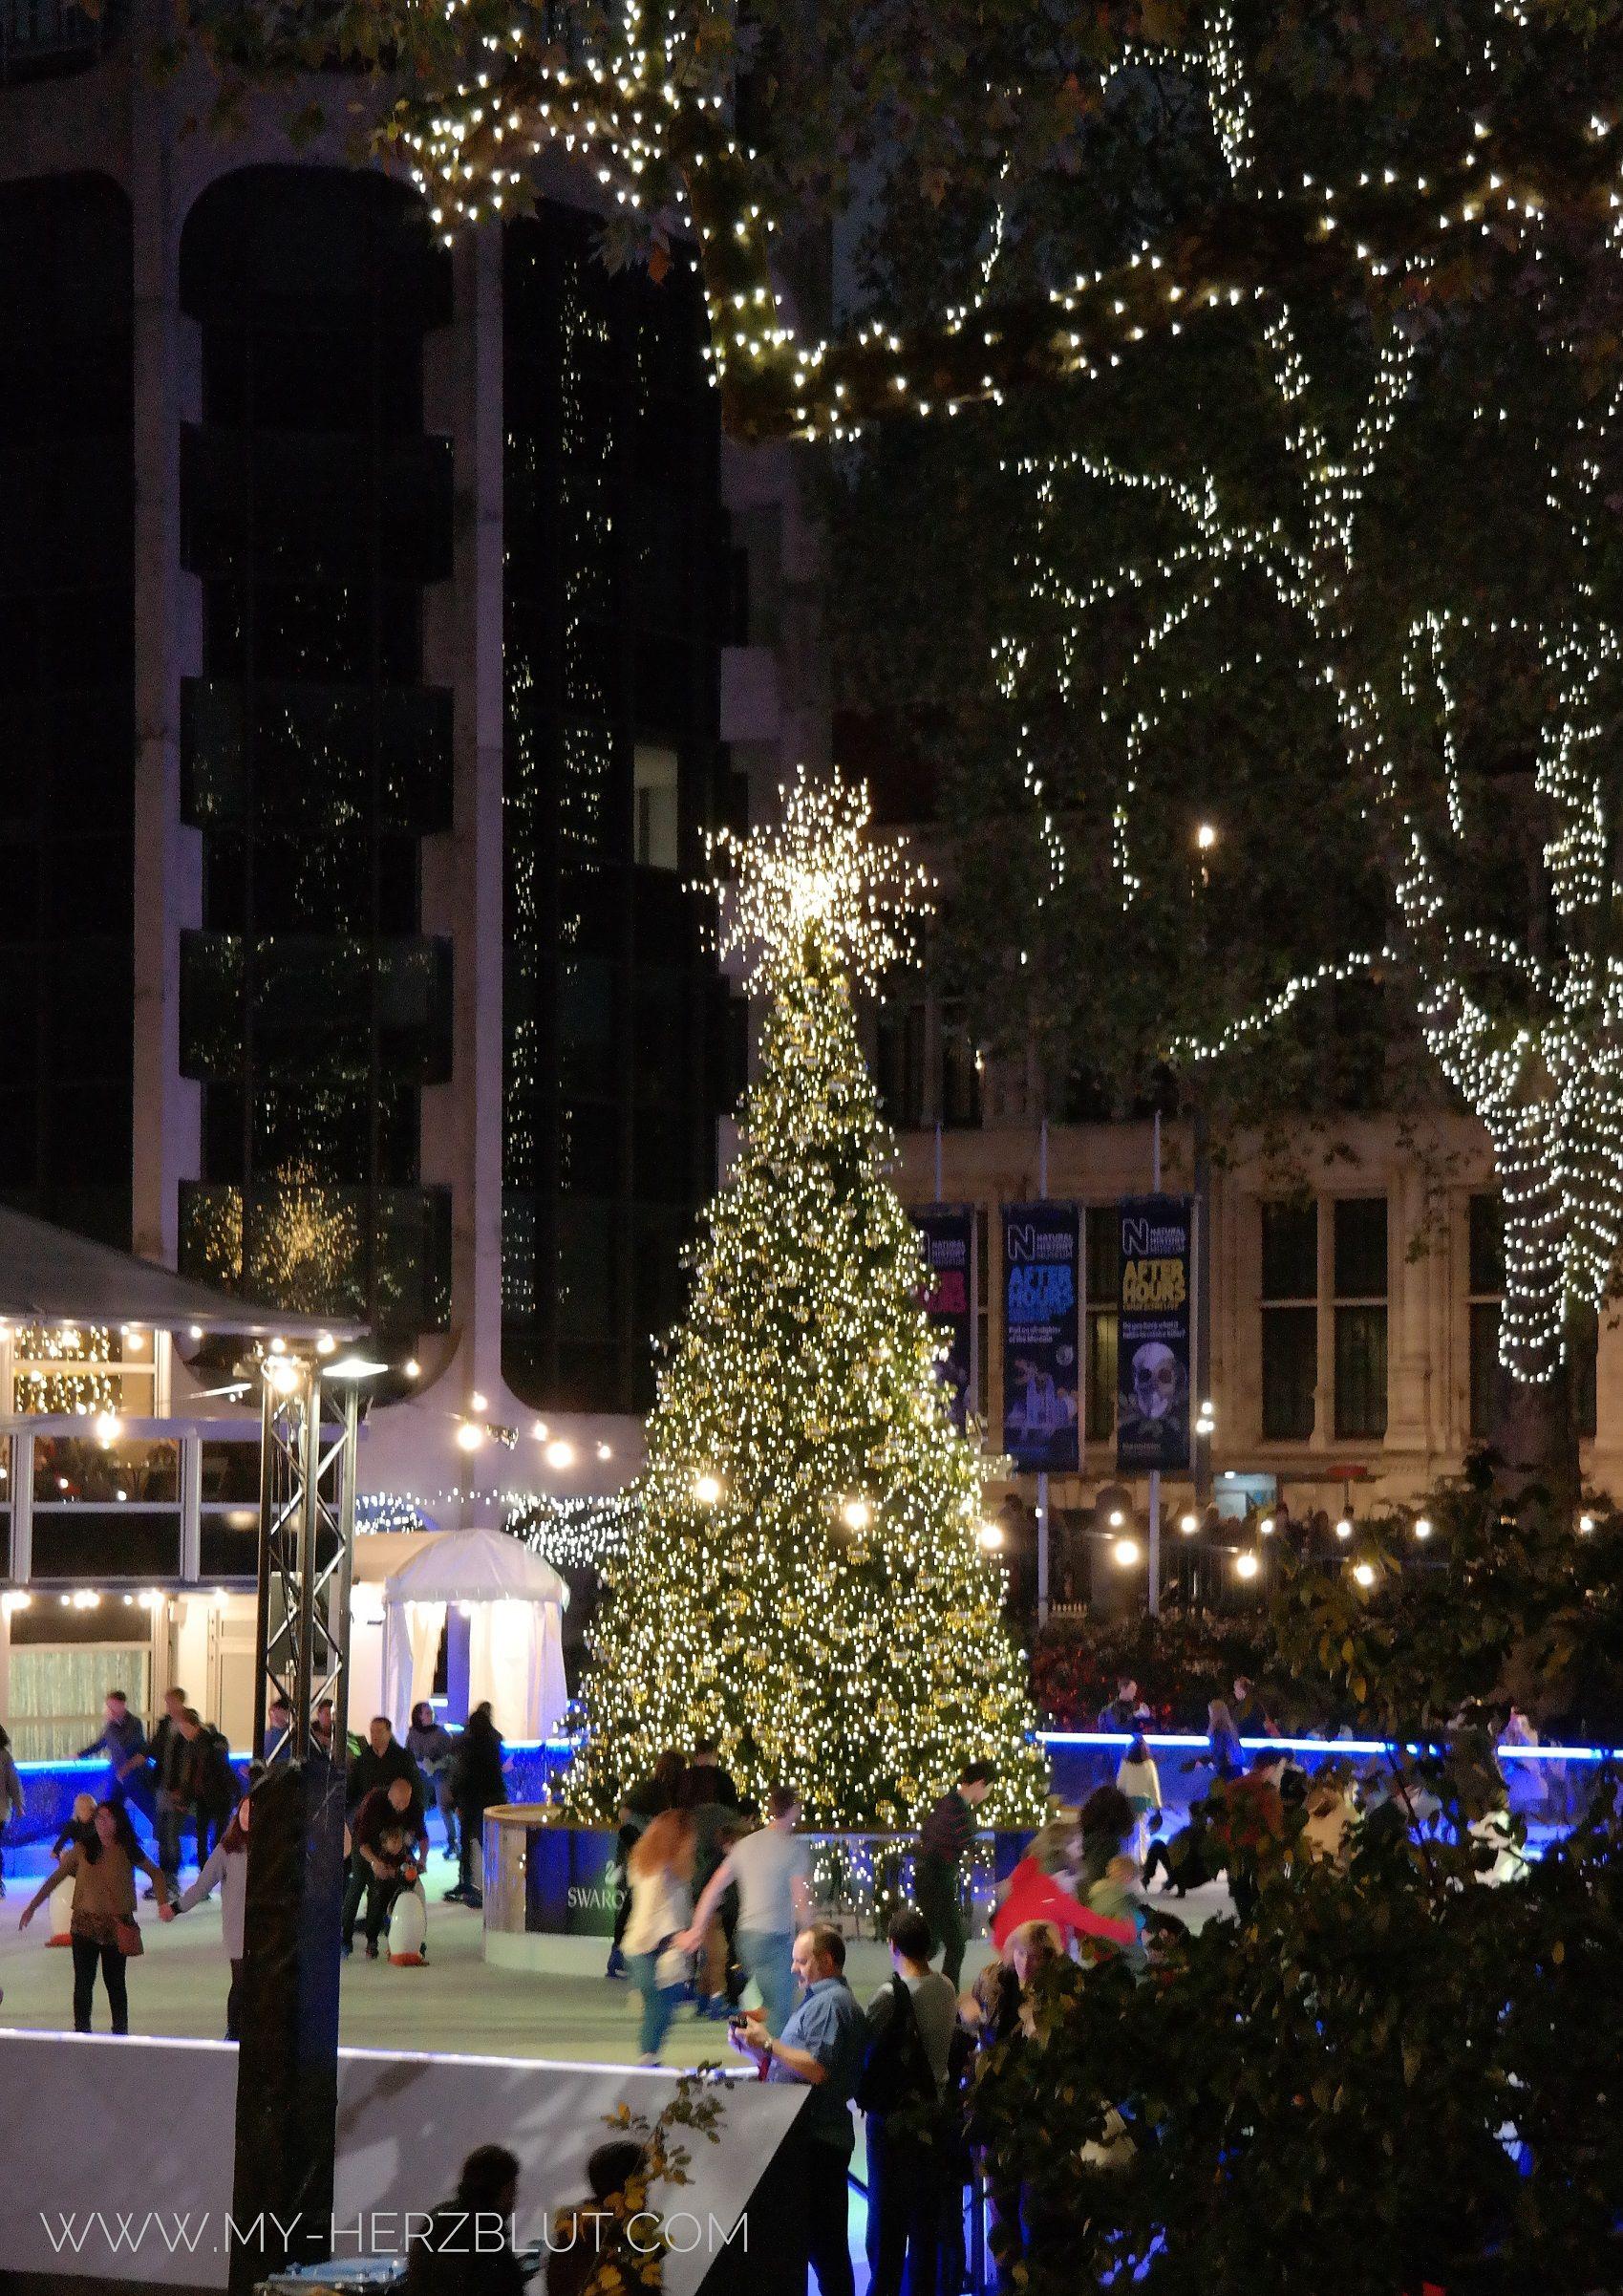 Der traditionelle Swarovski Weihnachtsbaum vor NHM.